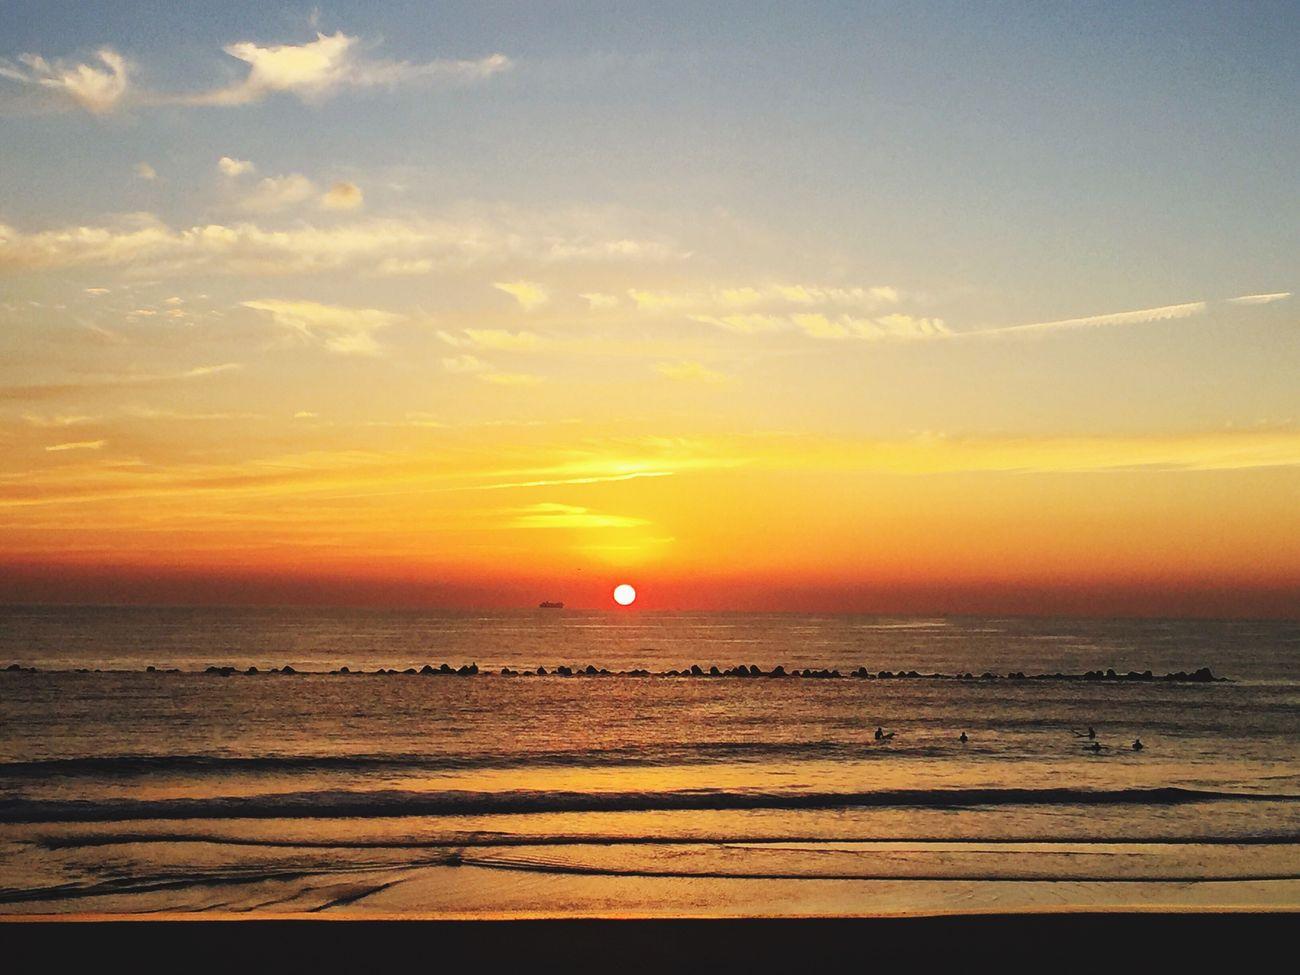 早起きしたおかげでめっちゃ綺麗な日の出に会えた😊✨✨☀️✨✨ Sea Beauty In Nature Nature Sky Beach Sun 朝一 自然に感謝 波乗り サーフィン Fun Times 黄昏 朝焼け Cloud - Sky 太陽パワー